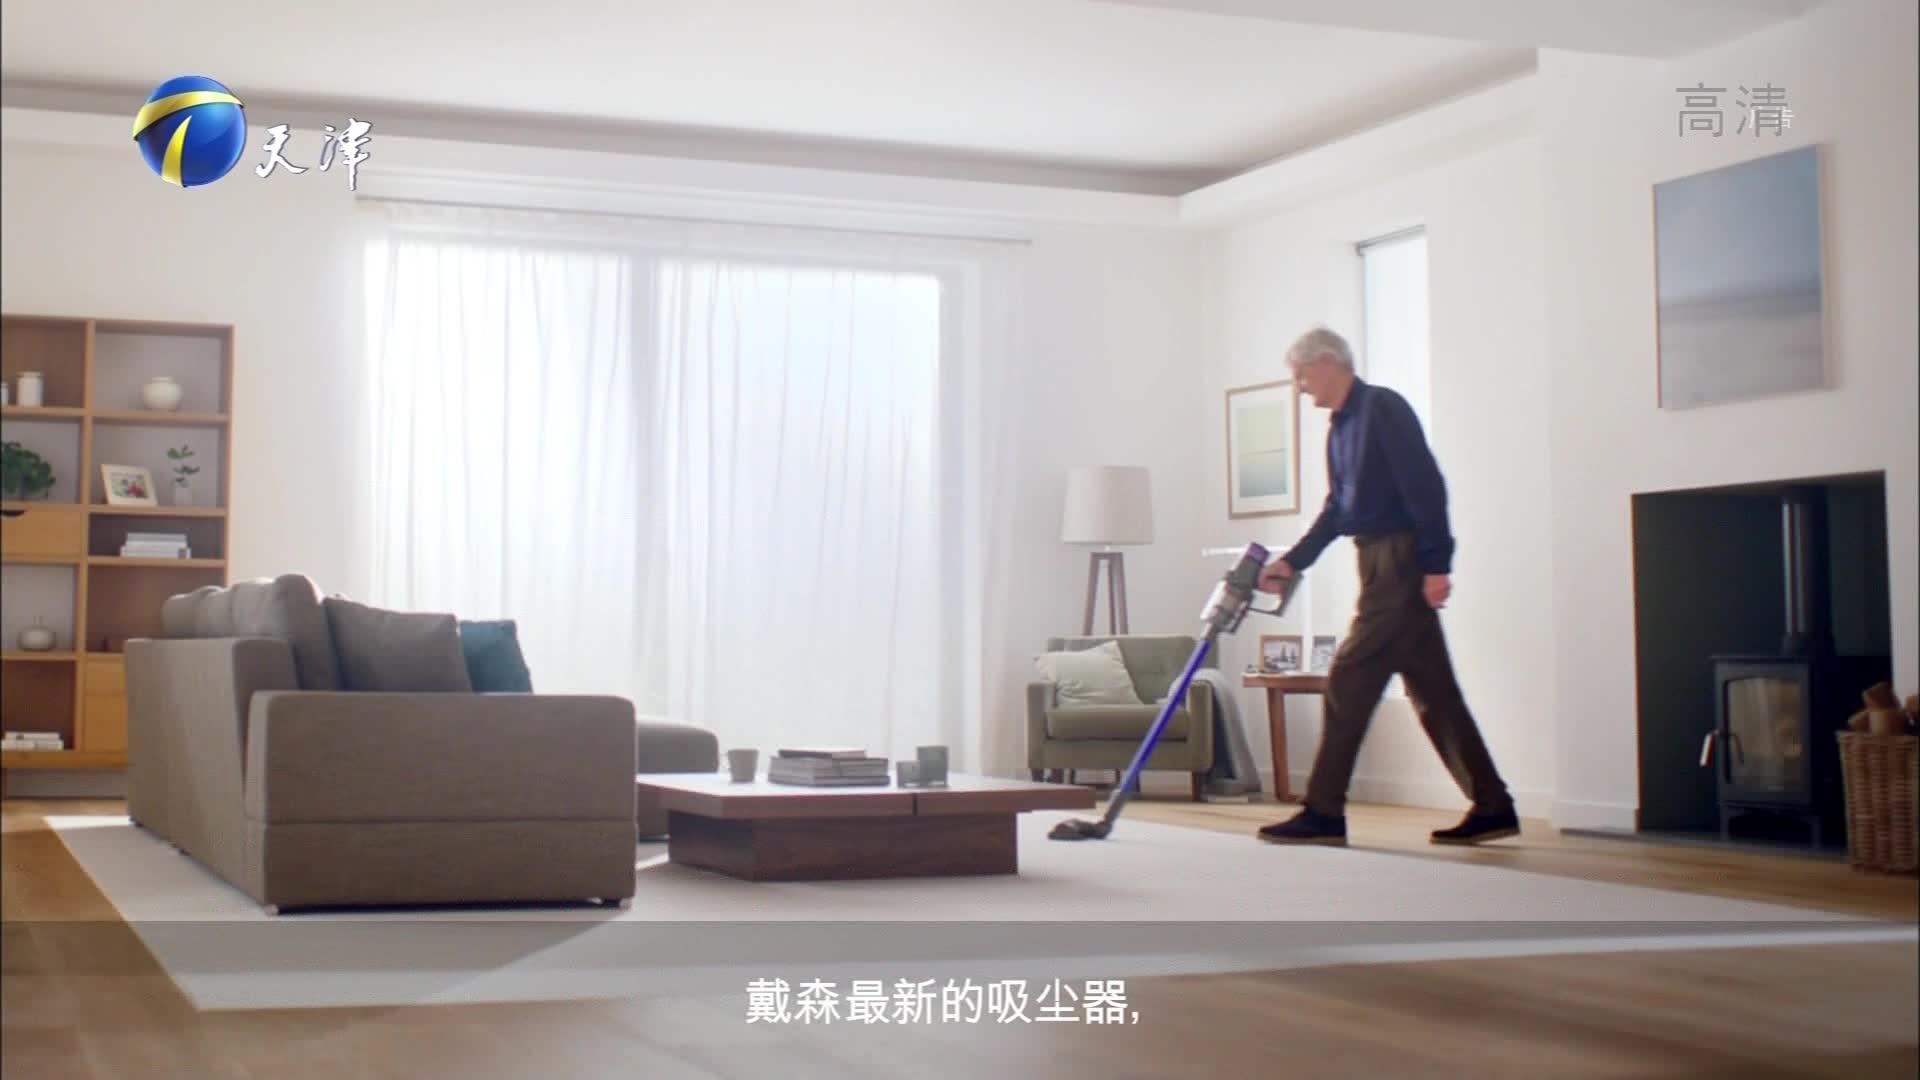 央视广告欣赏-戴森 V11 Absolute 智能无绳吸尘器-2